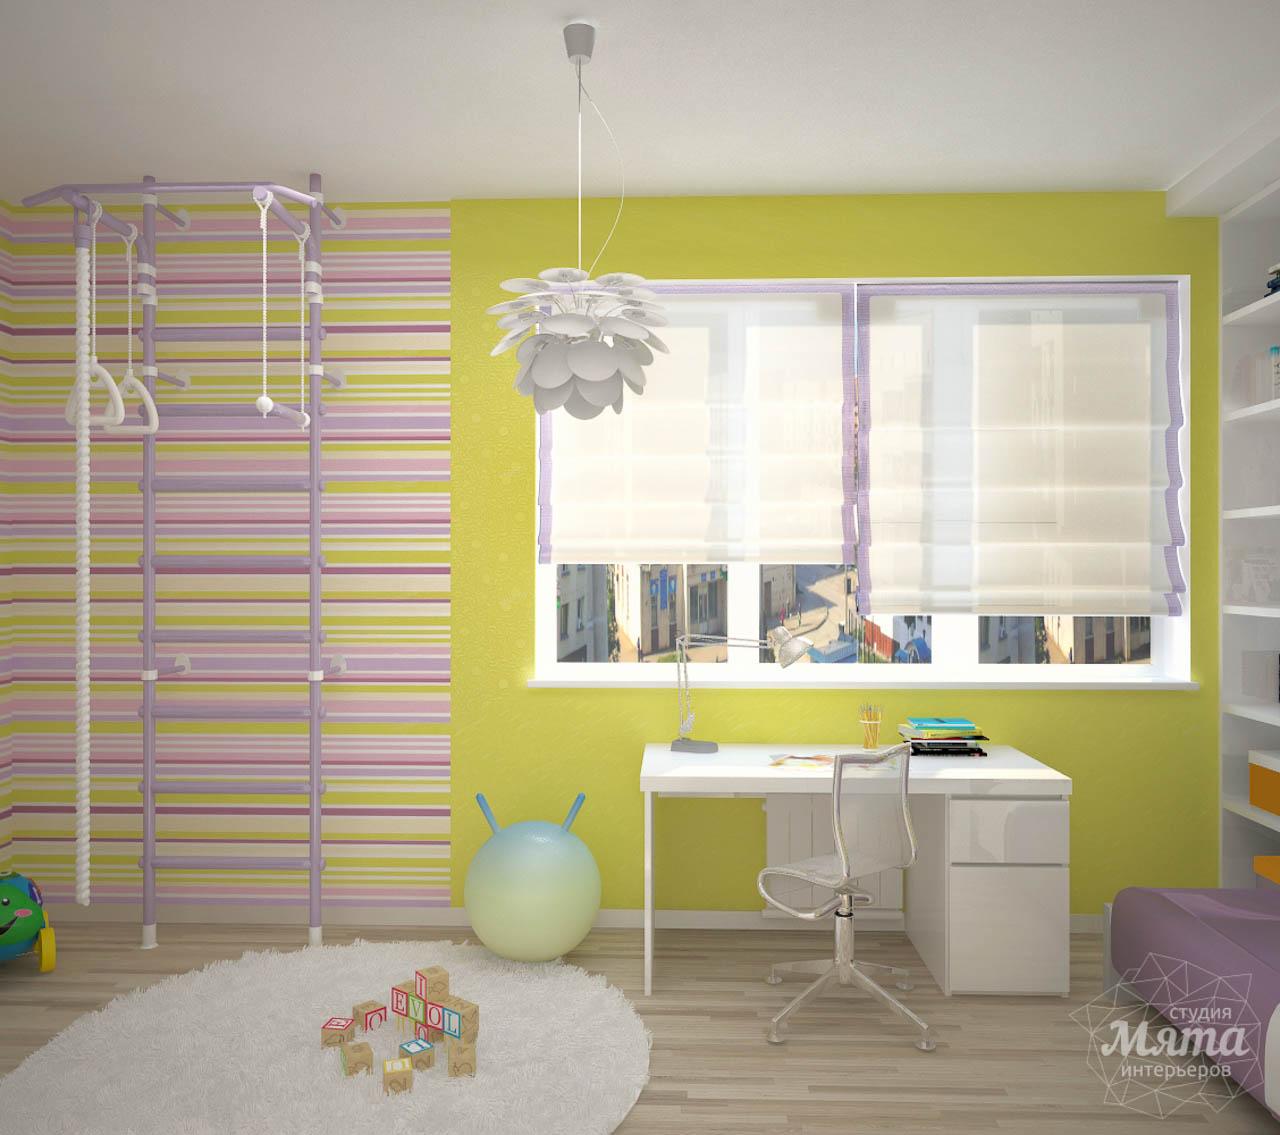 Дизайн интерьера и ремонт трехкомнатной квартиры по ул. Попова 33а img1960706877